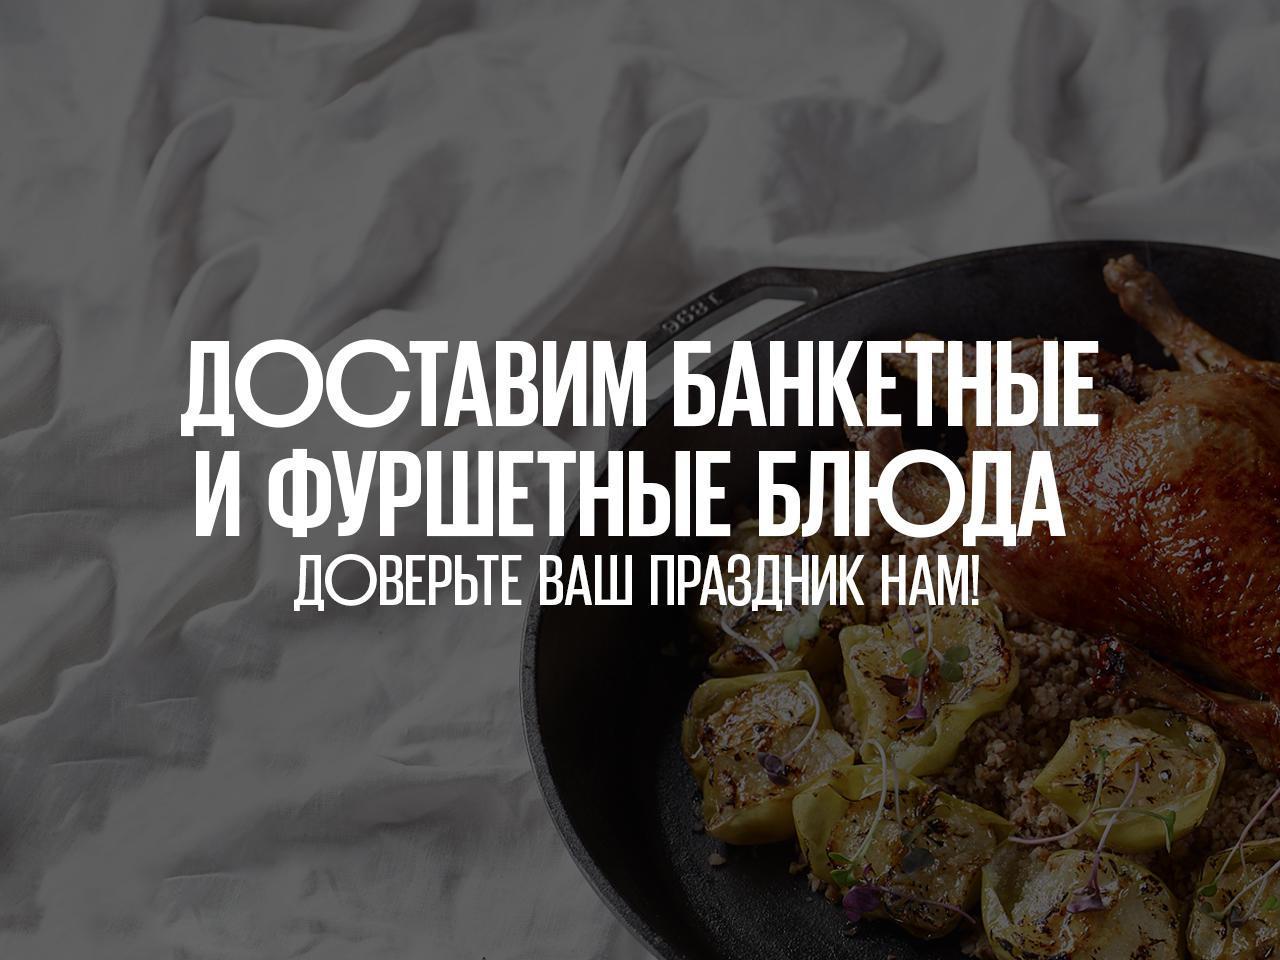 Доставка блюд банкетного и фуршетного меню